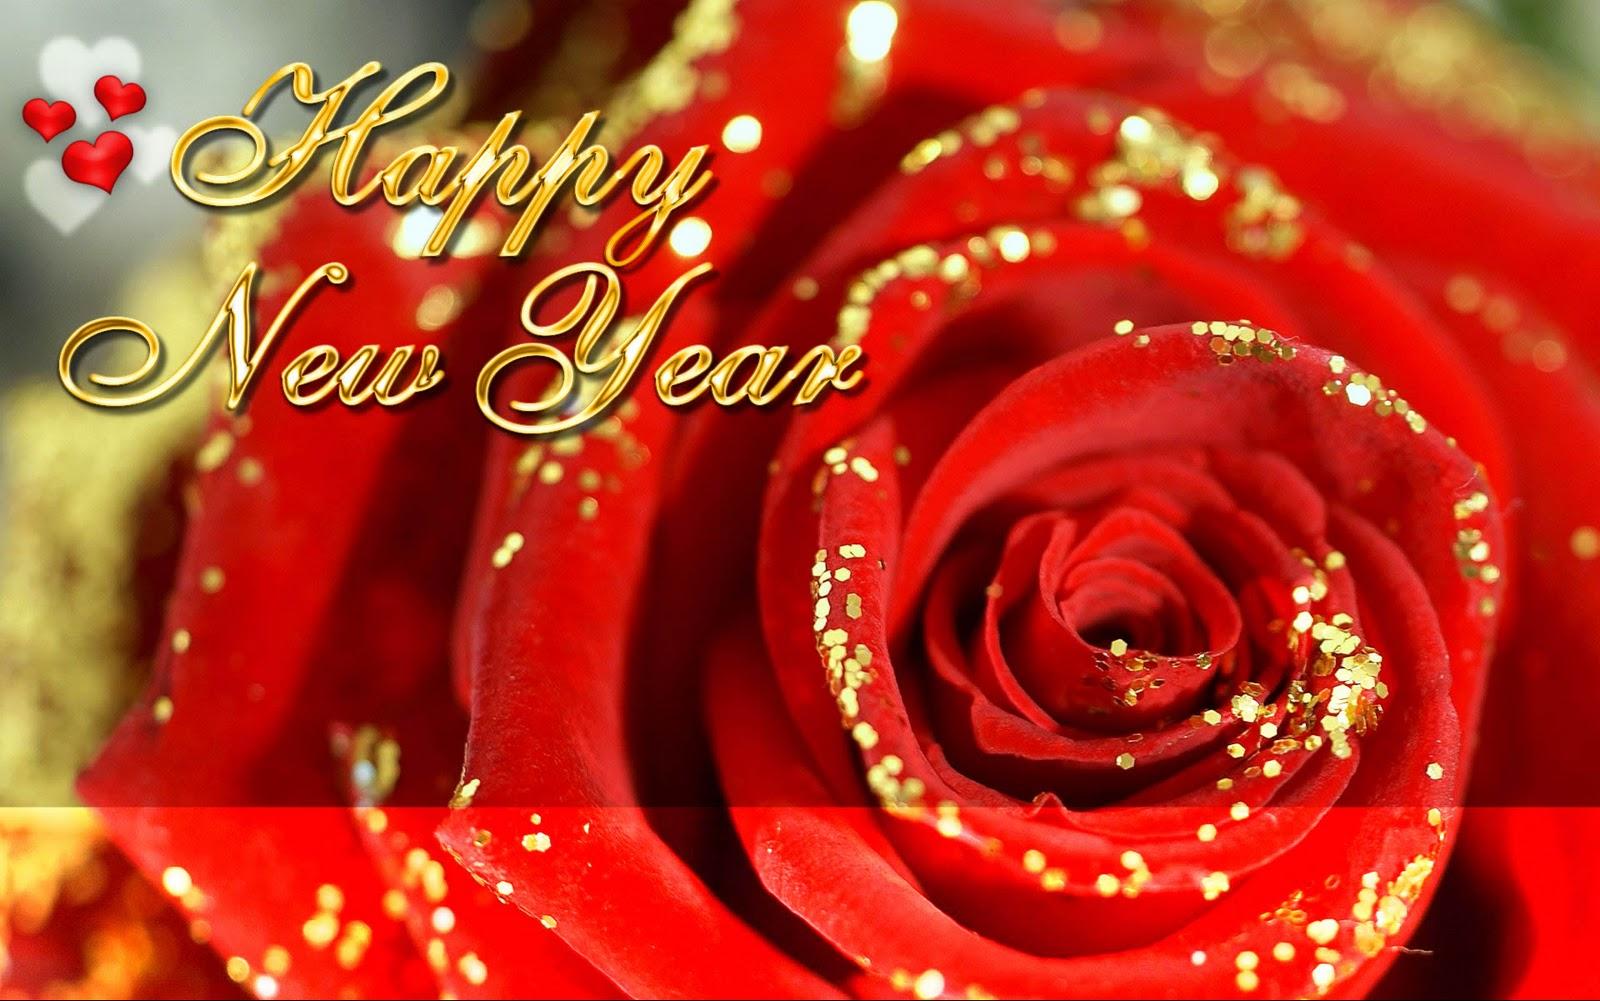 http://4.bp.blogspot.com/-tGvx07xGCBY/Tse2HXaeBgI/AAAAAAAATJ8/5991Zw3rLaQ/s1600/Mooie-happy-new-year-achtergronden-gelukkig-nieuwjaar-wallpapers-afbeelding-8.jpg